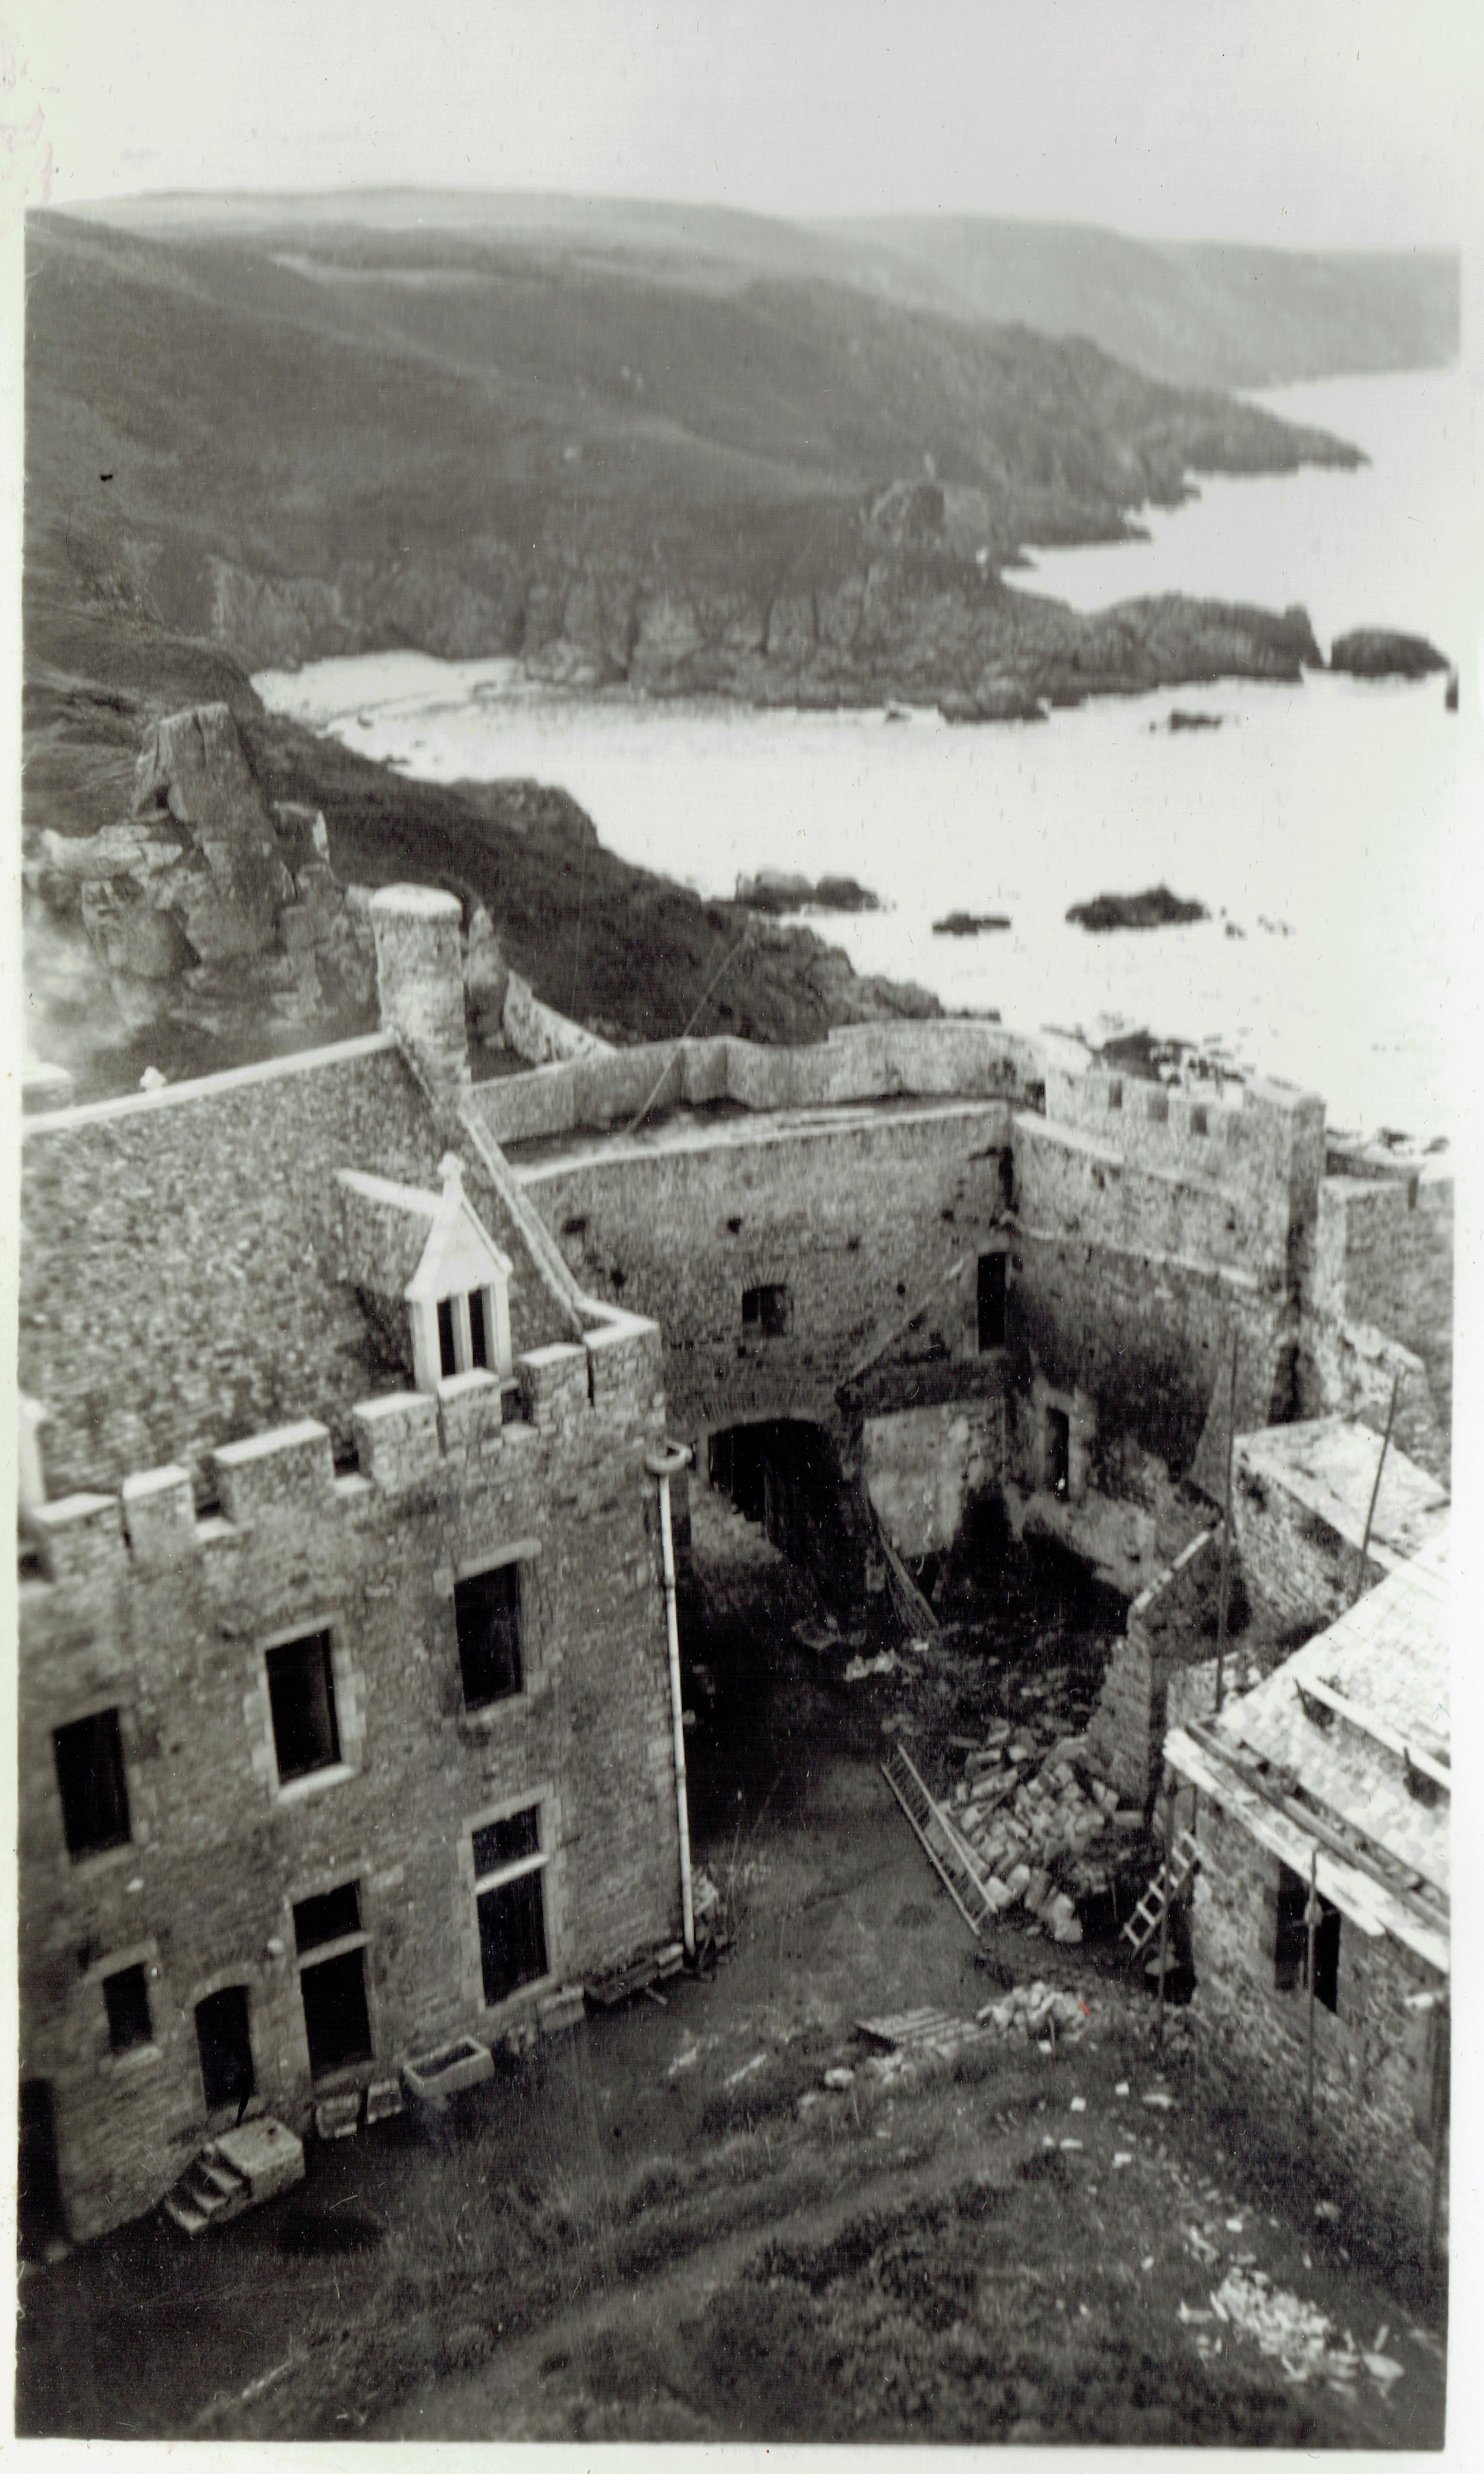 fort la latte   cour avec logis charpente chapelle et terrasse vue du haut du donjon  14 septembre 1